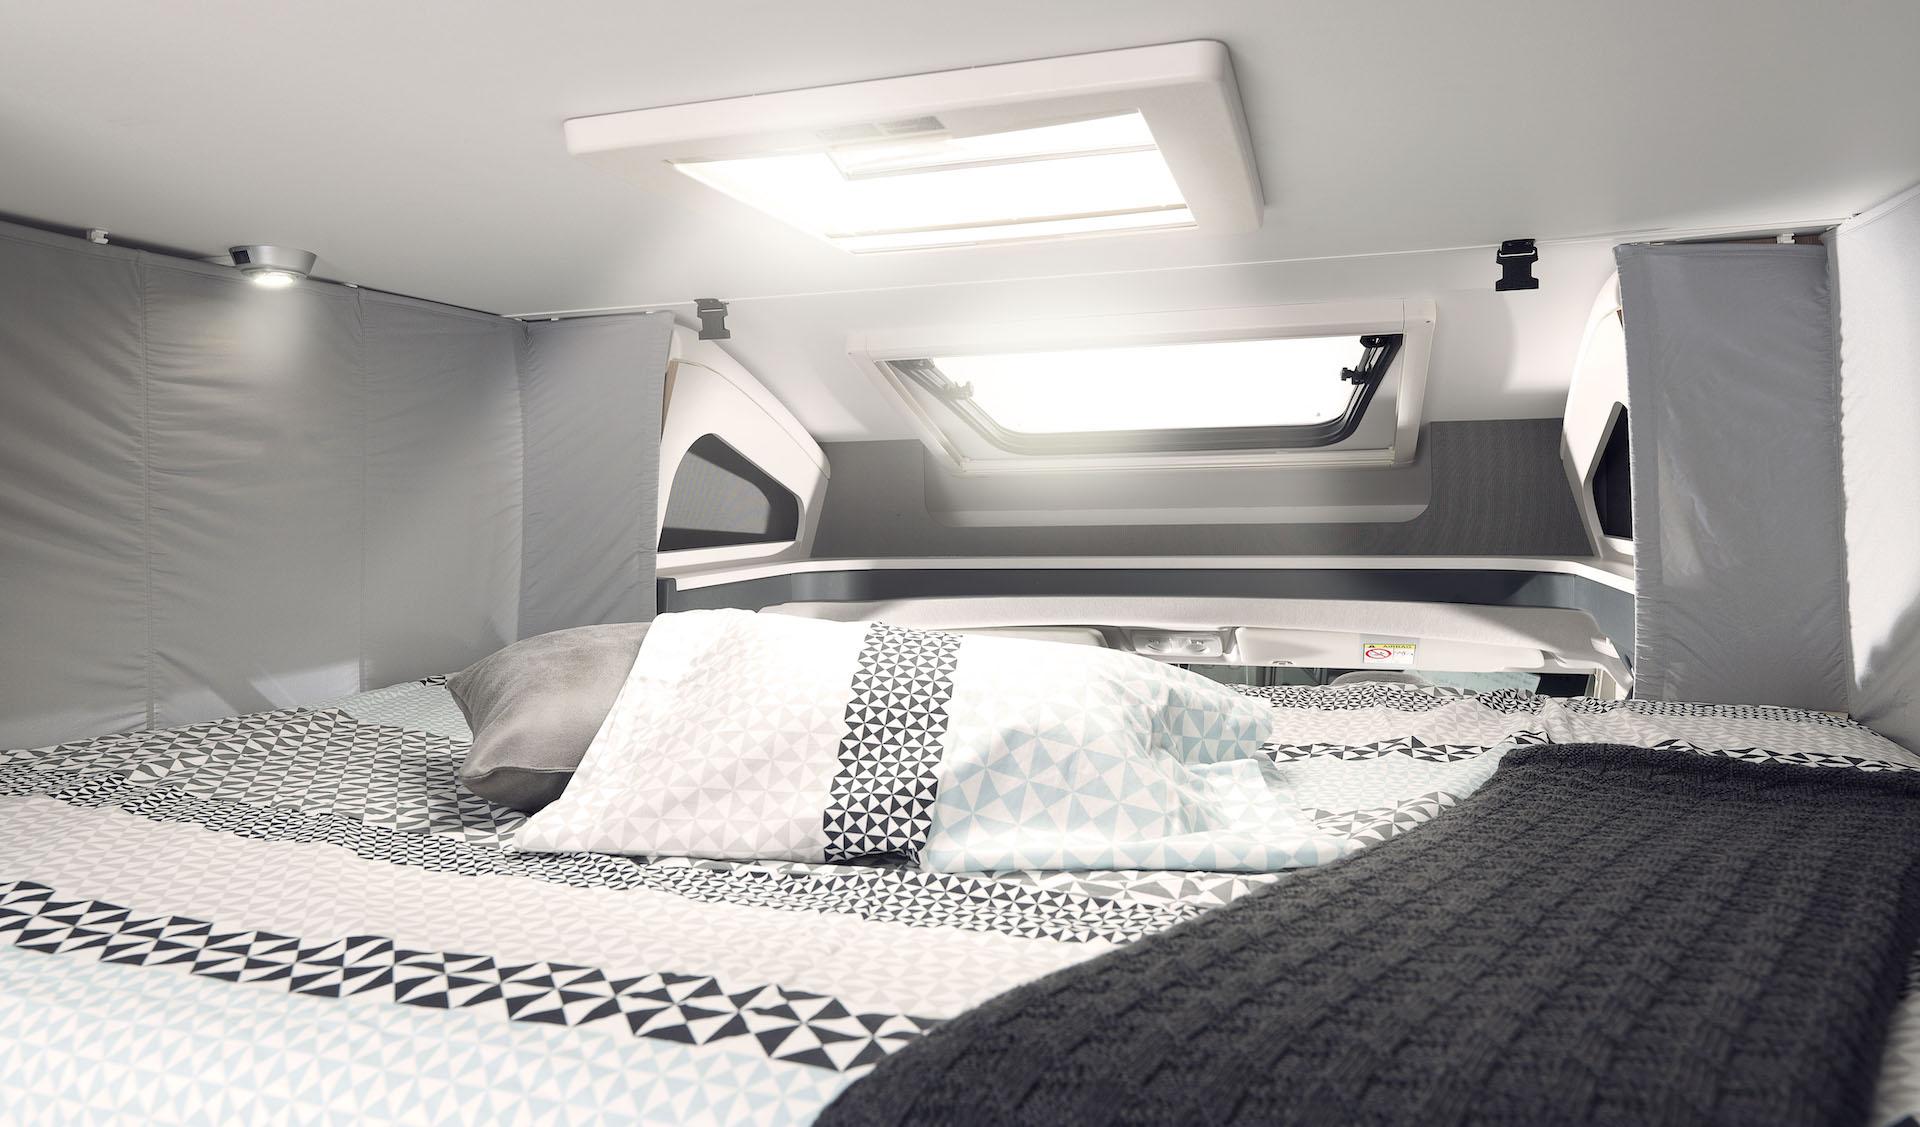 Bettbereich Wohnmobil